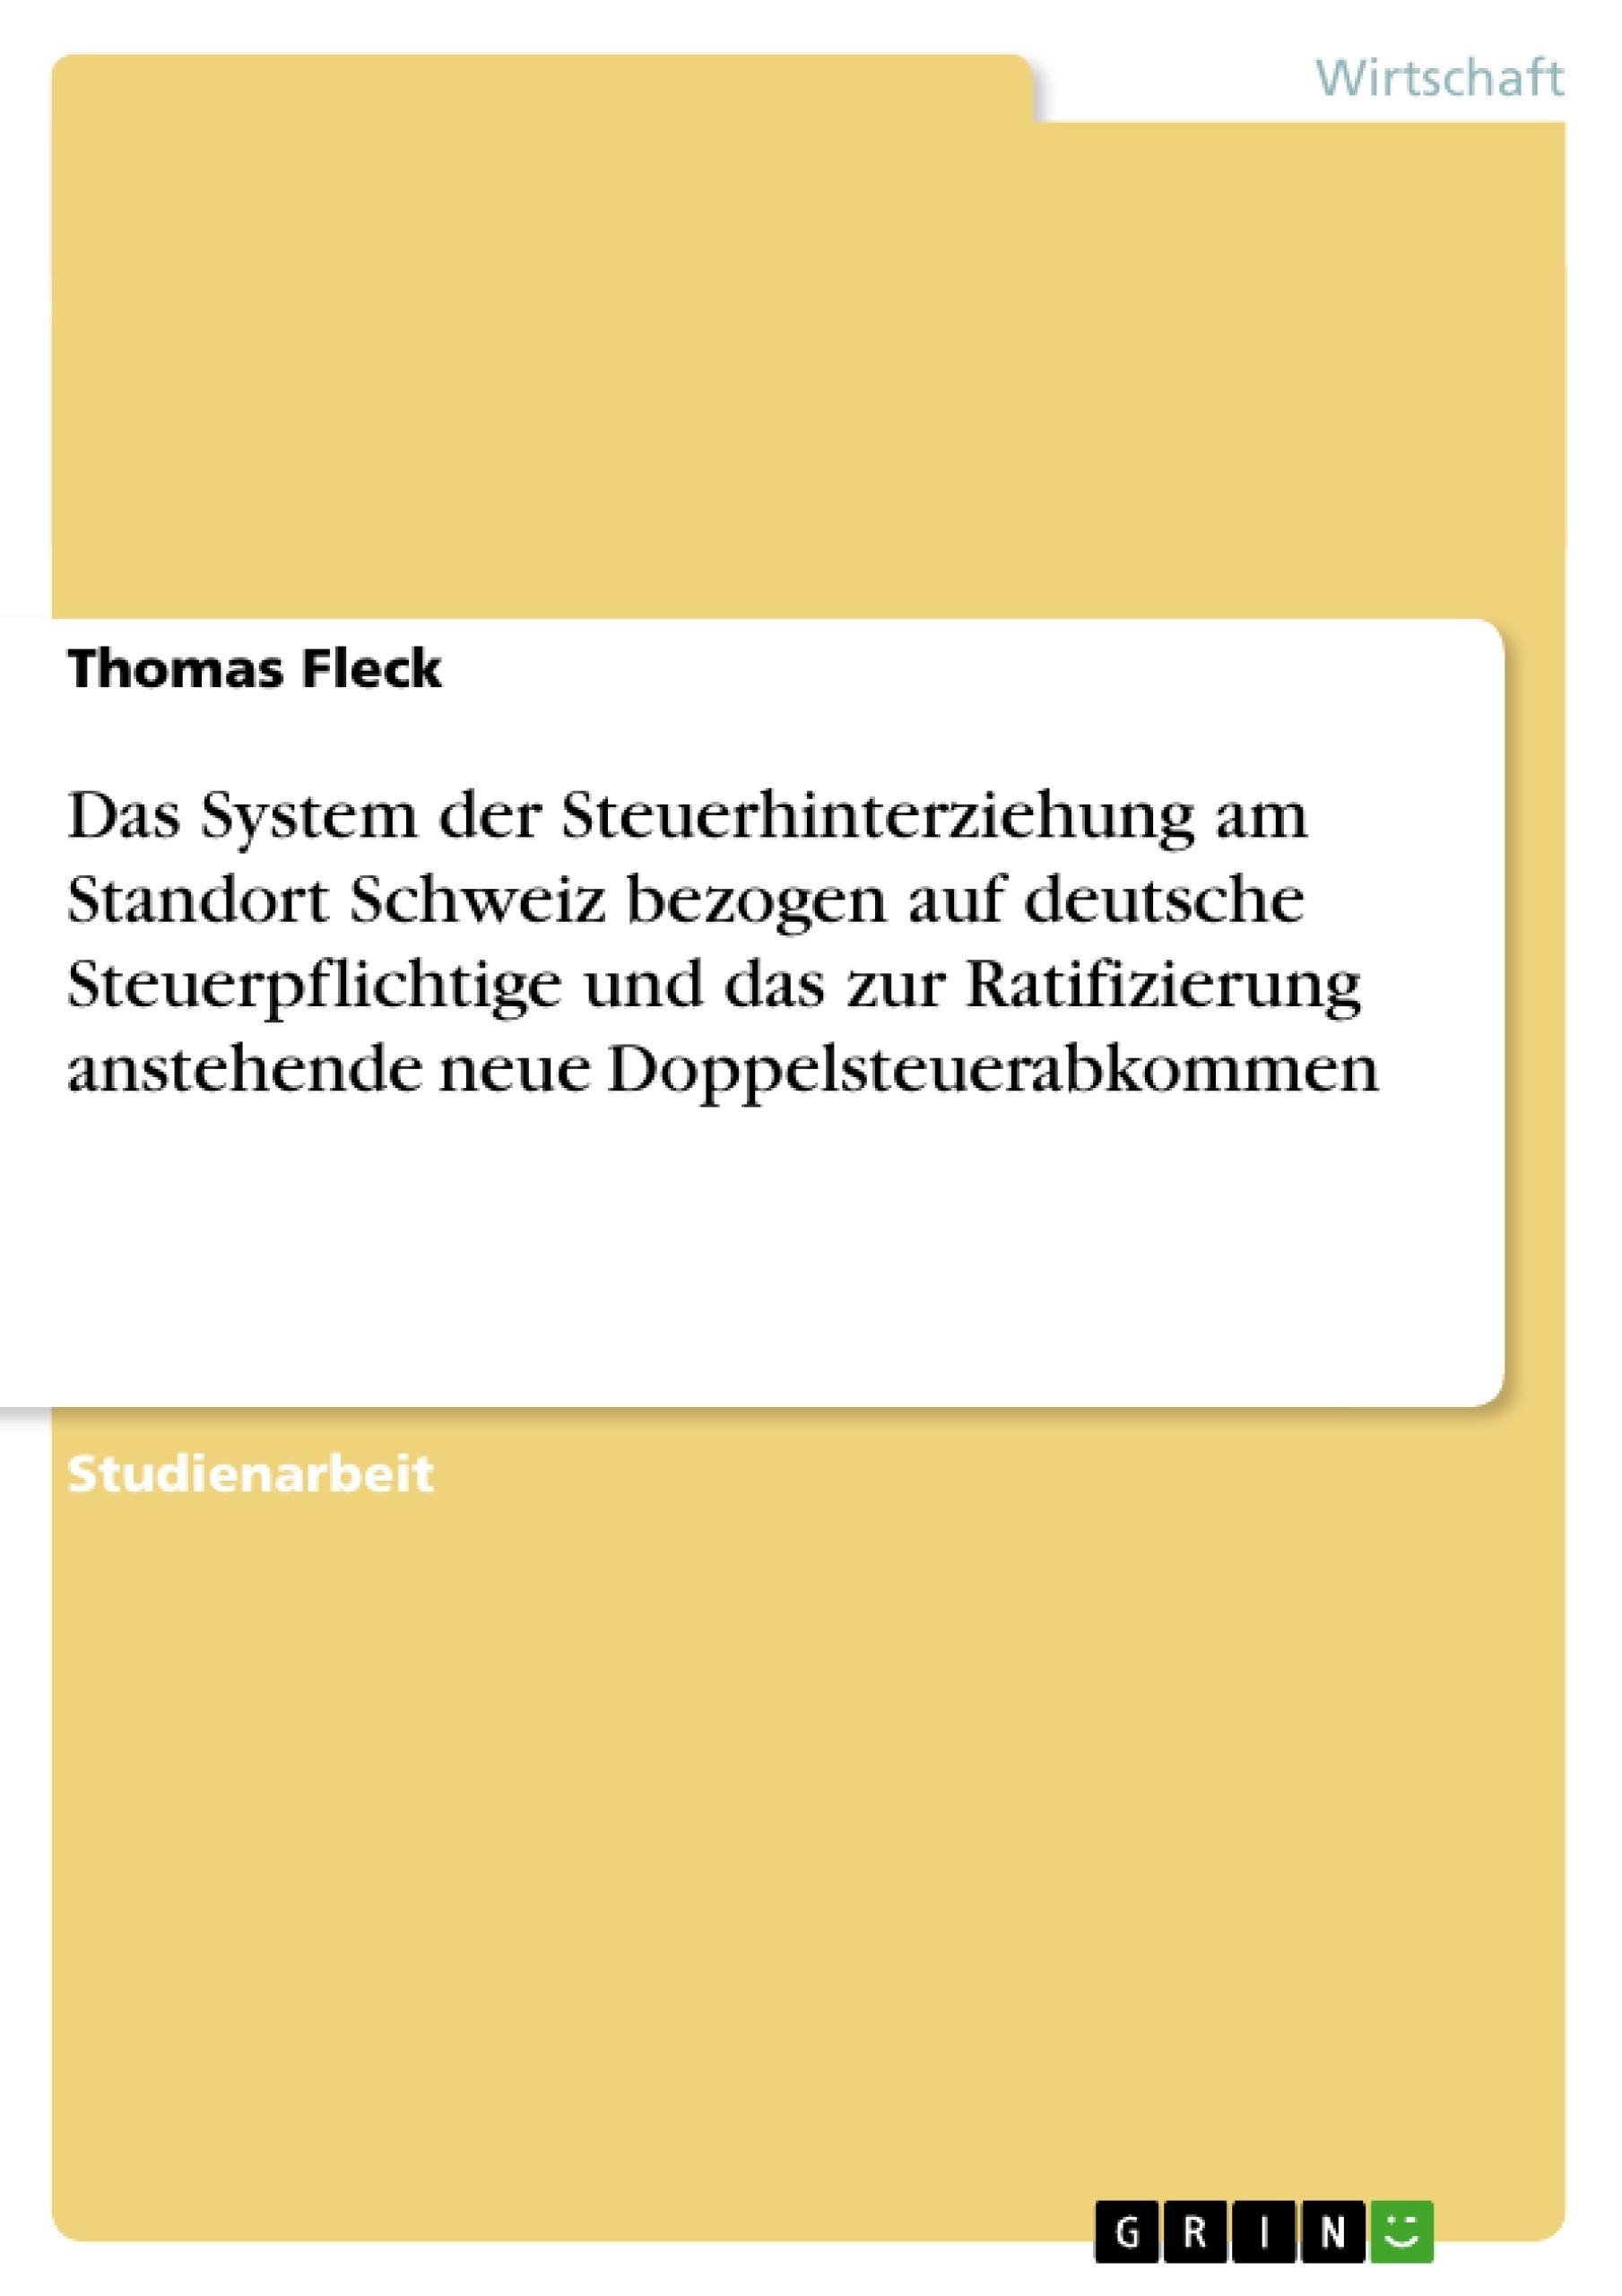 Titel: Das System der Steuerhinterziehung am Standort  Schweiz bezogen auf deutsche Steuerpflichtige  und das zur Ratifizierung anstehende neue  Doppelsteuerabkommen